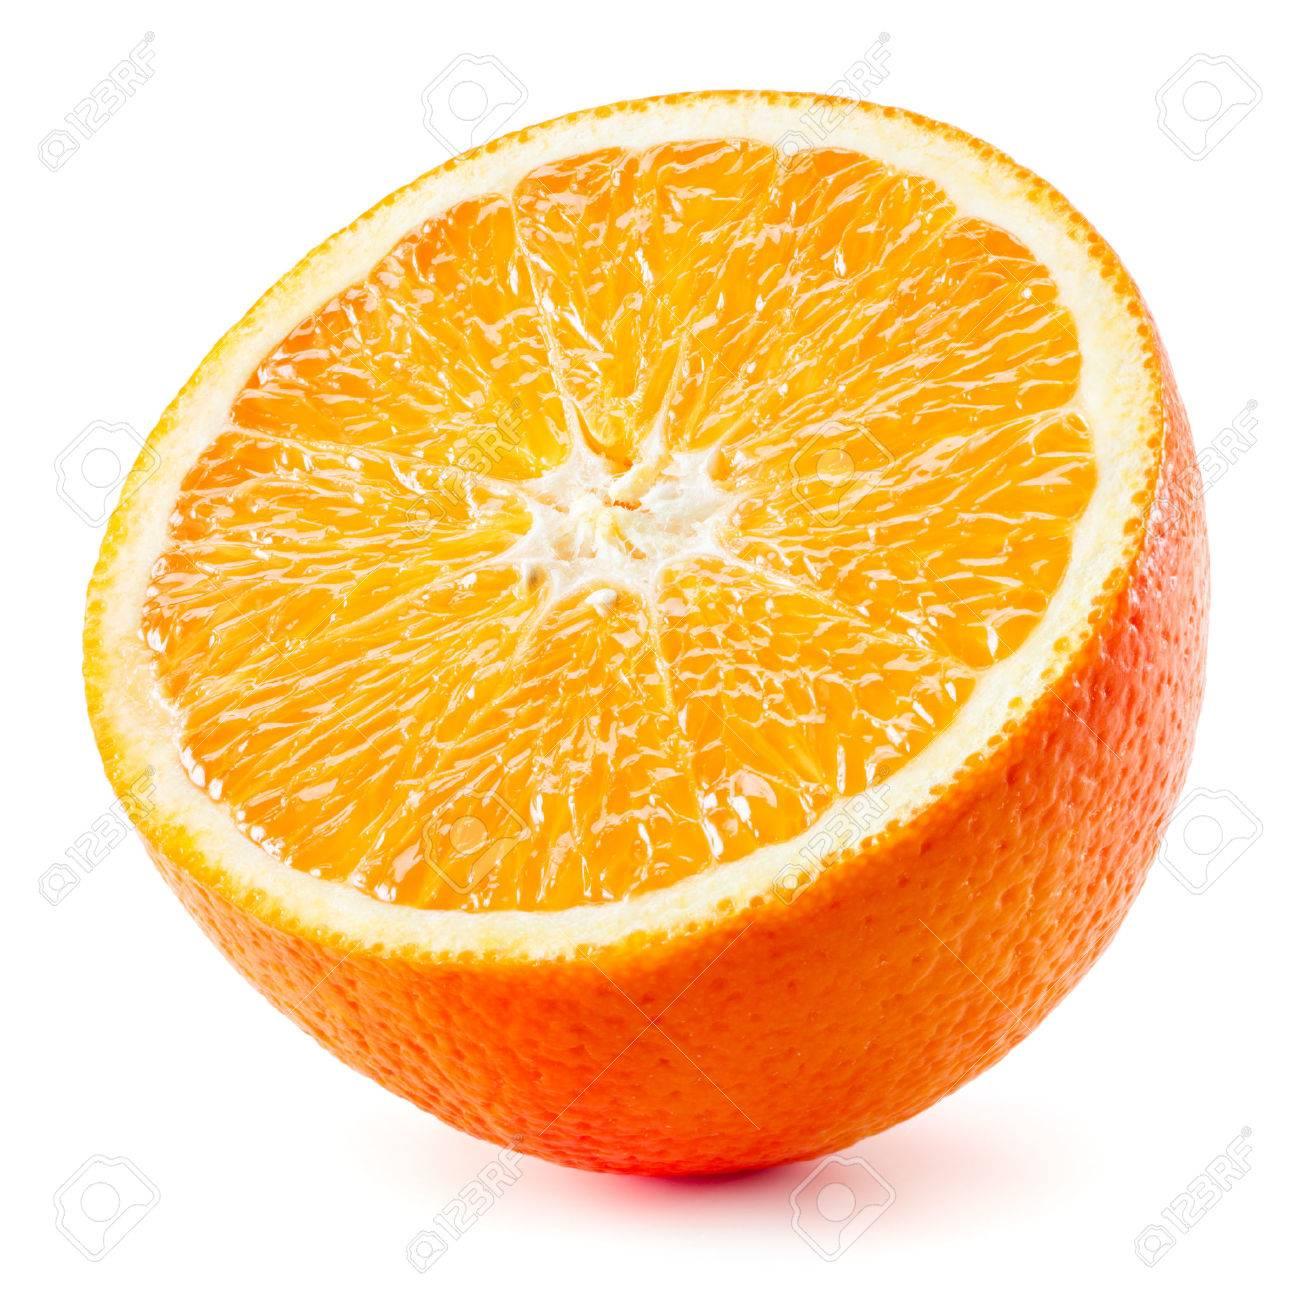 Orange half. Fruit isolated on white background - 59196958